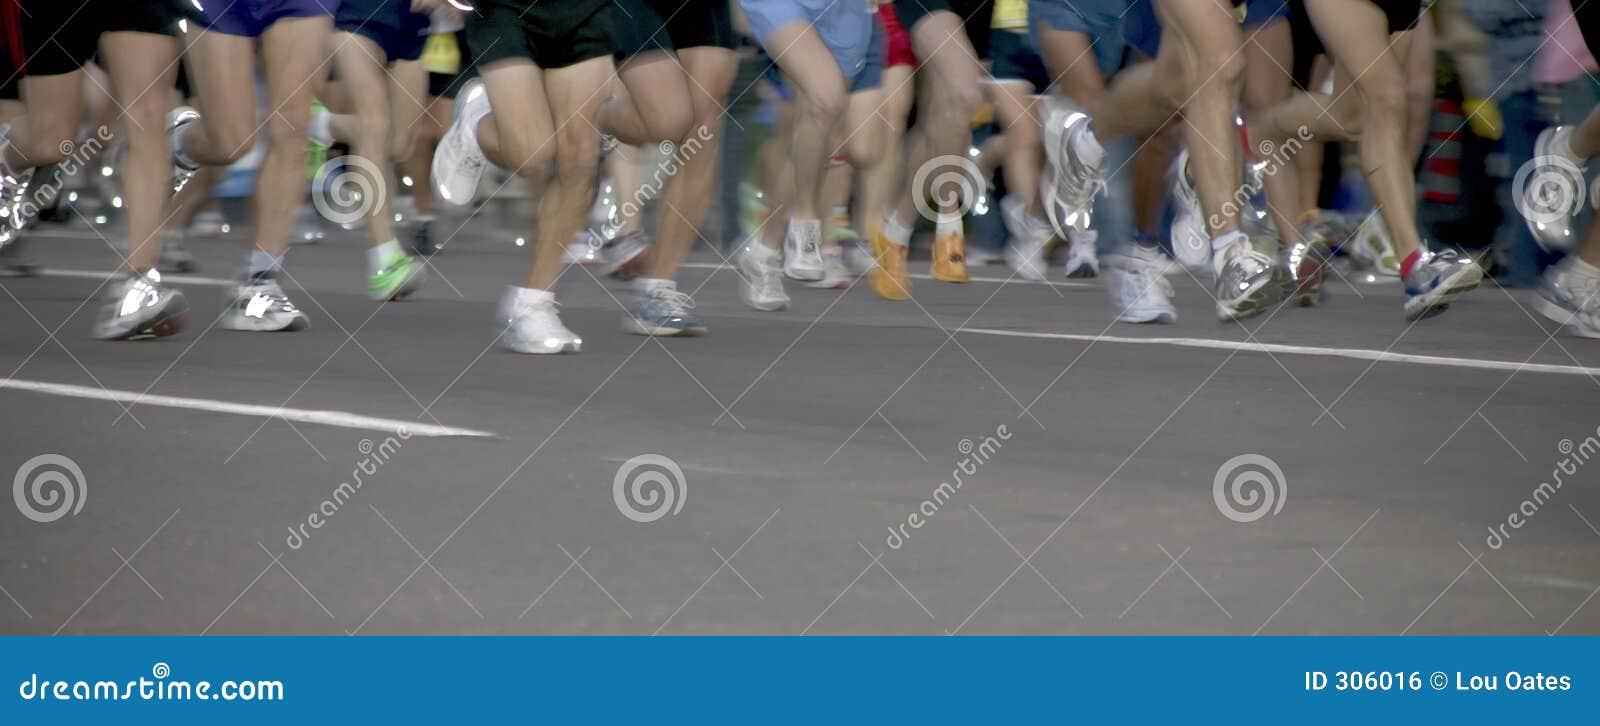 De agenten van de marathon